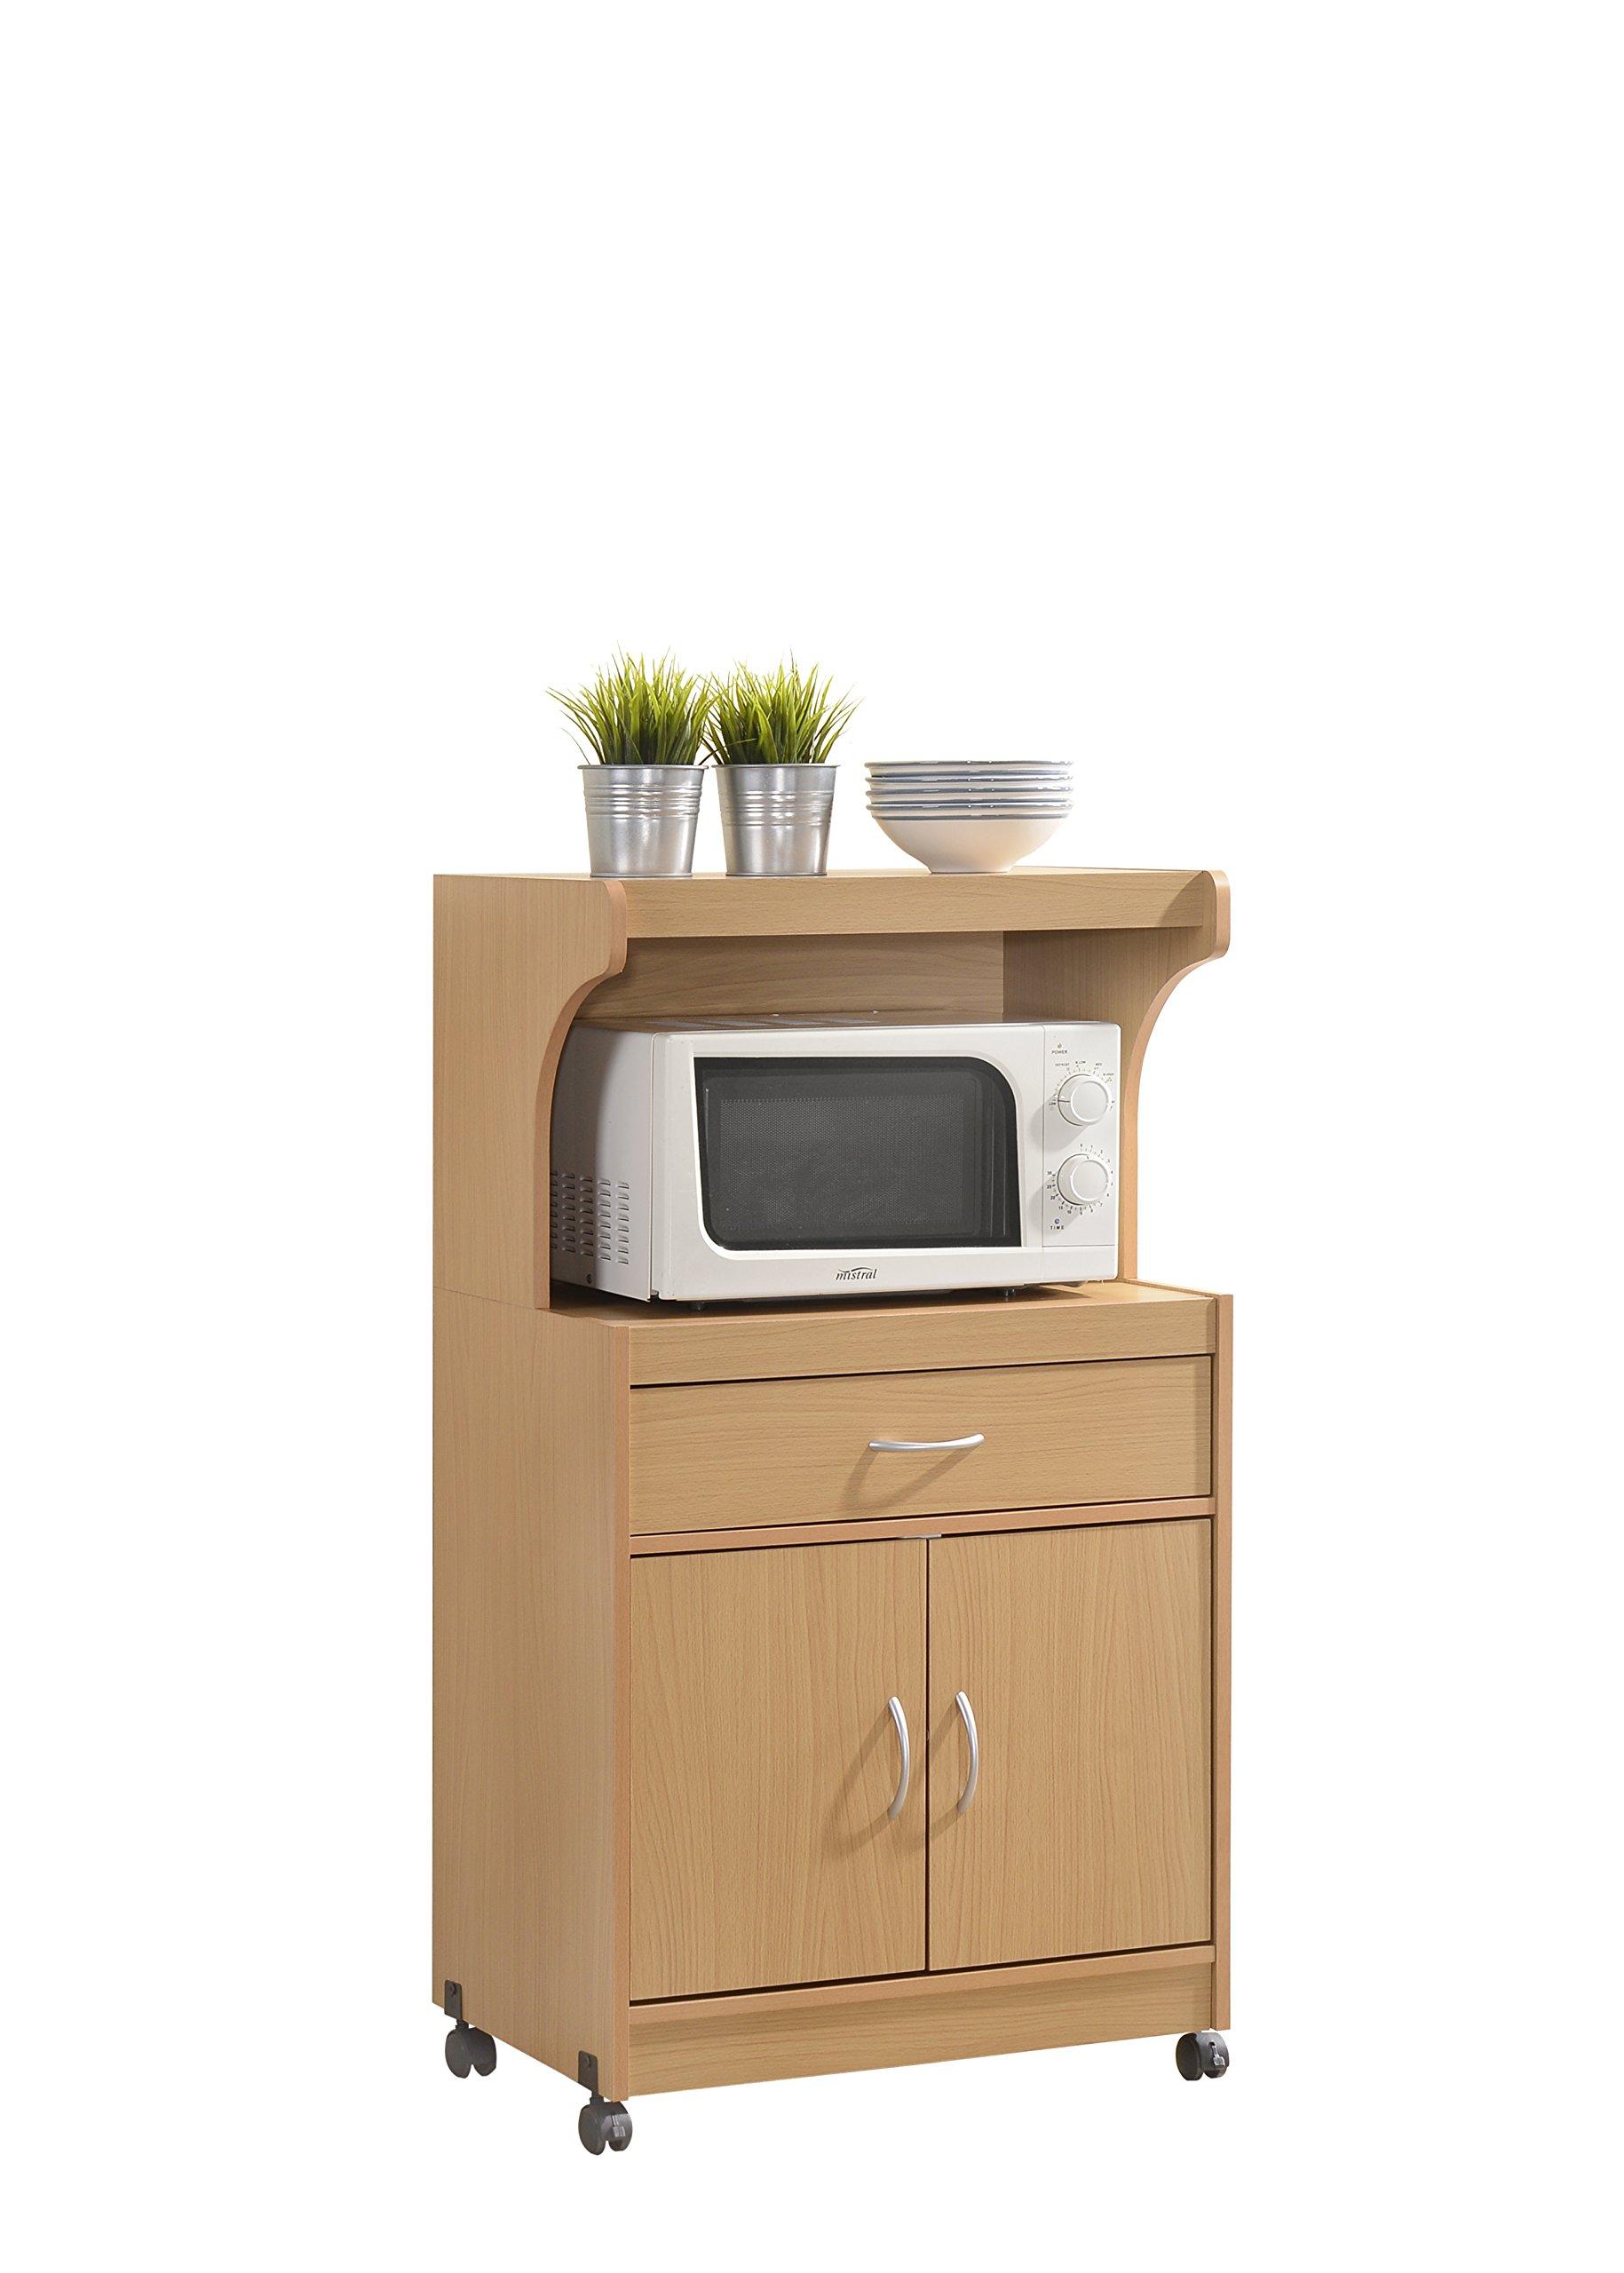 Hodedah Microwave Kitchen Cart, Beech